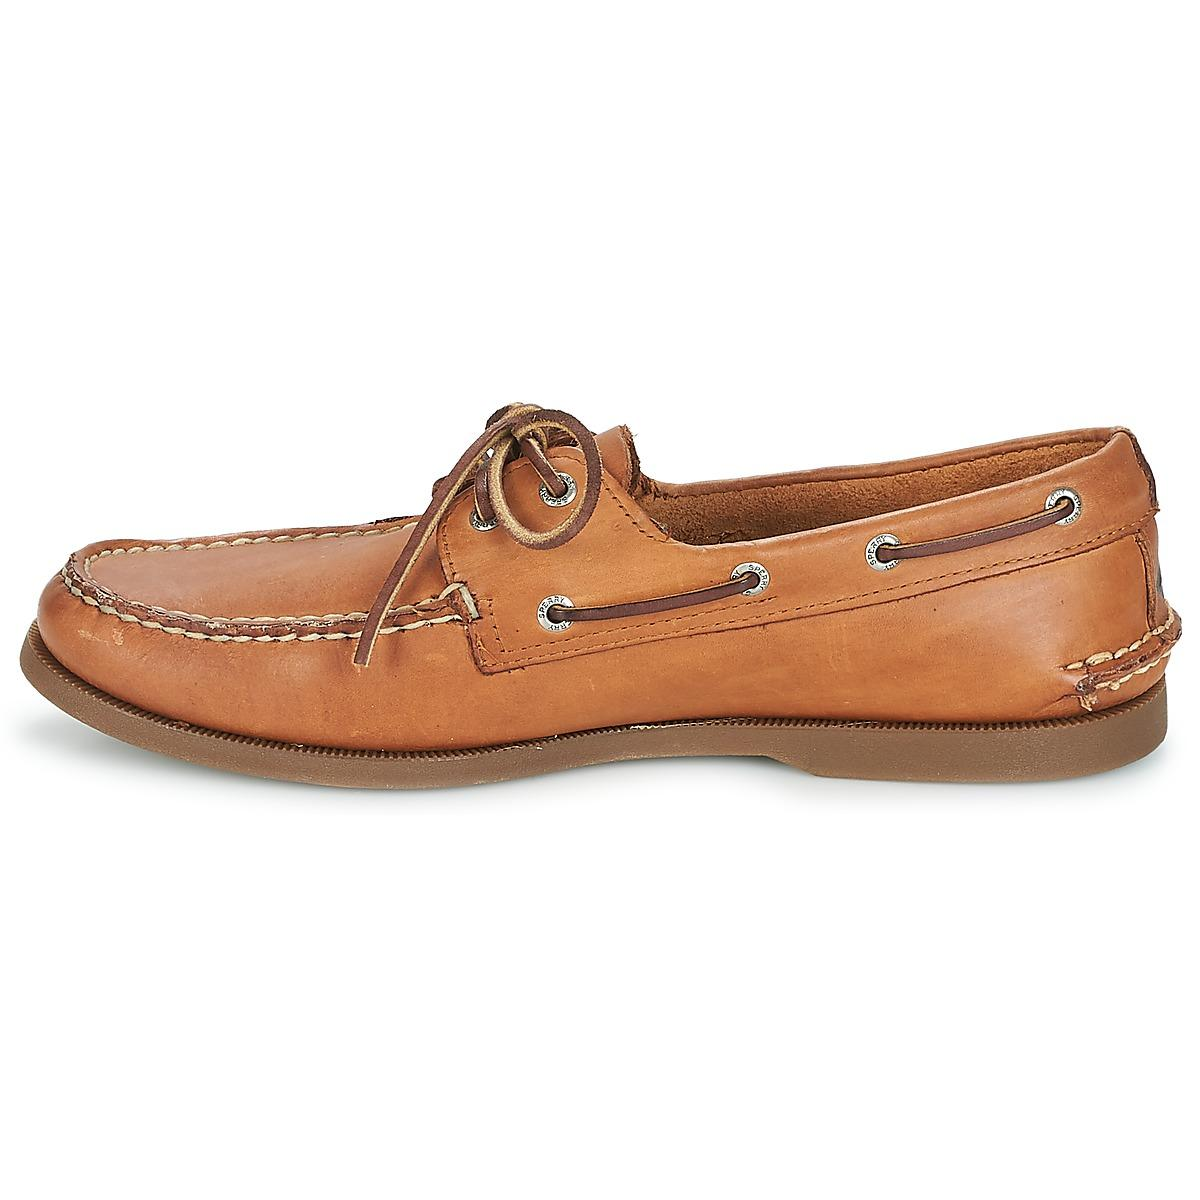 Sperry Top-Sider Bootschoenen A/o 2 Eye in het Bruin voor heren